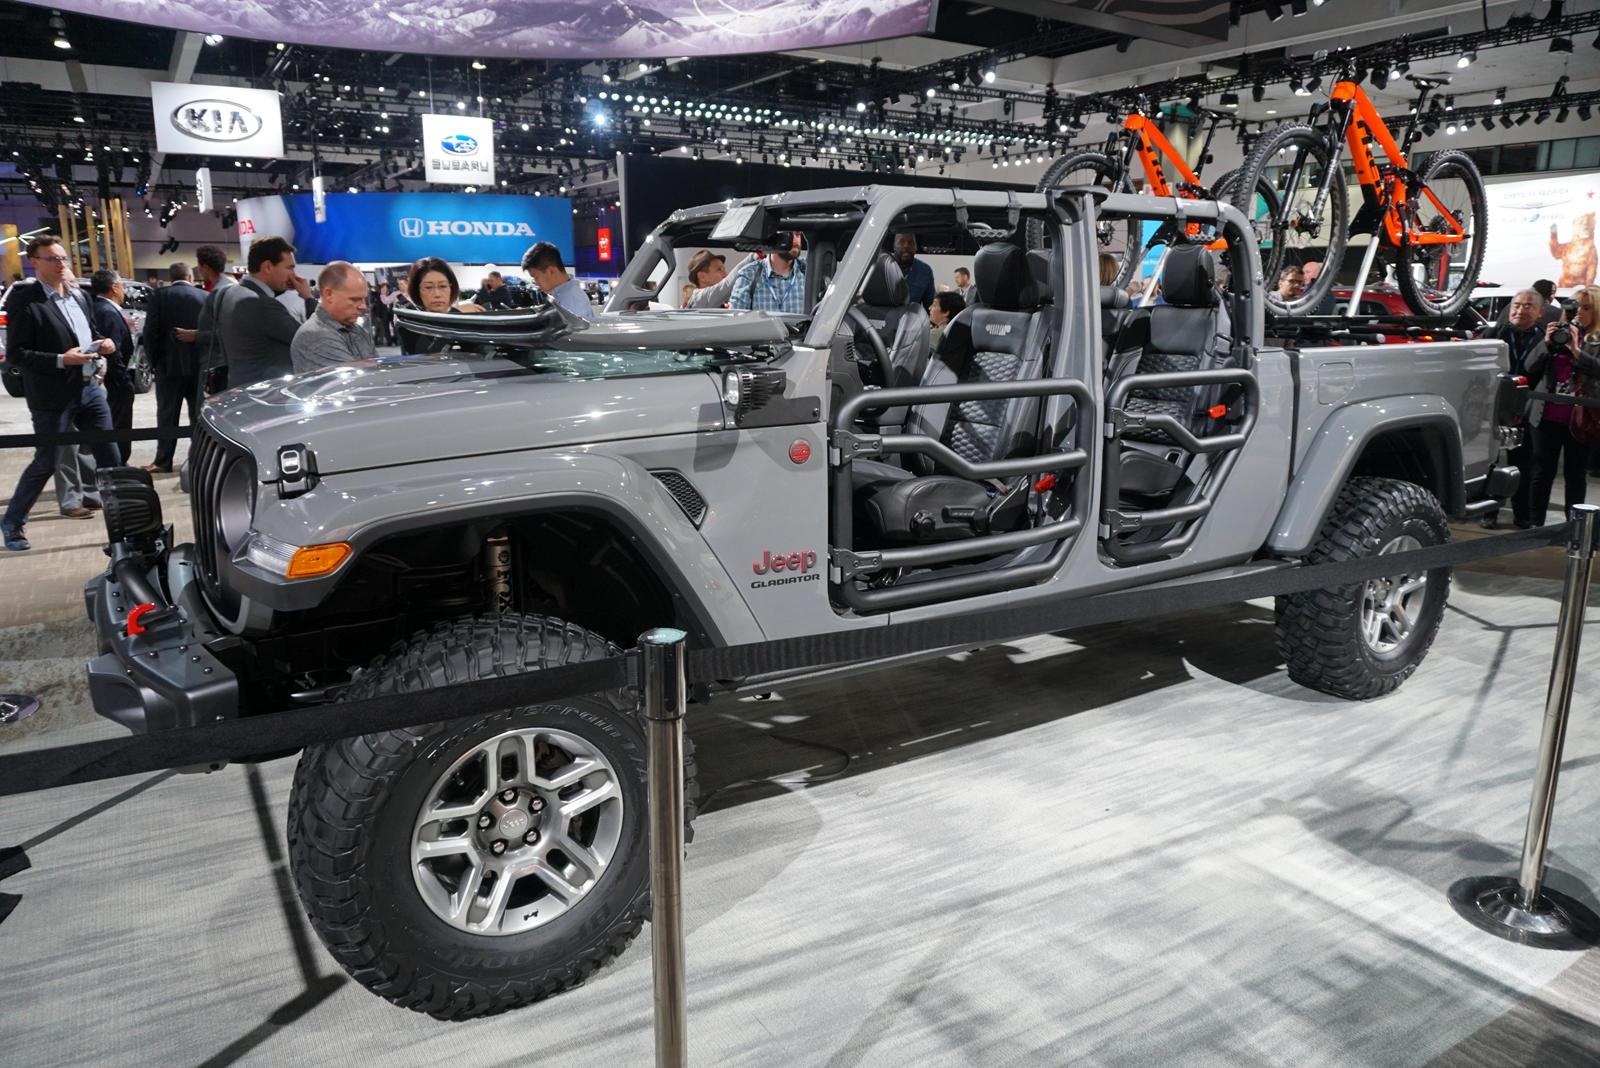 Mopar's Ready To Modify The New Jeep Gladiator   CarBuzz